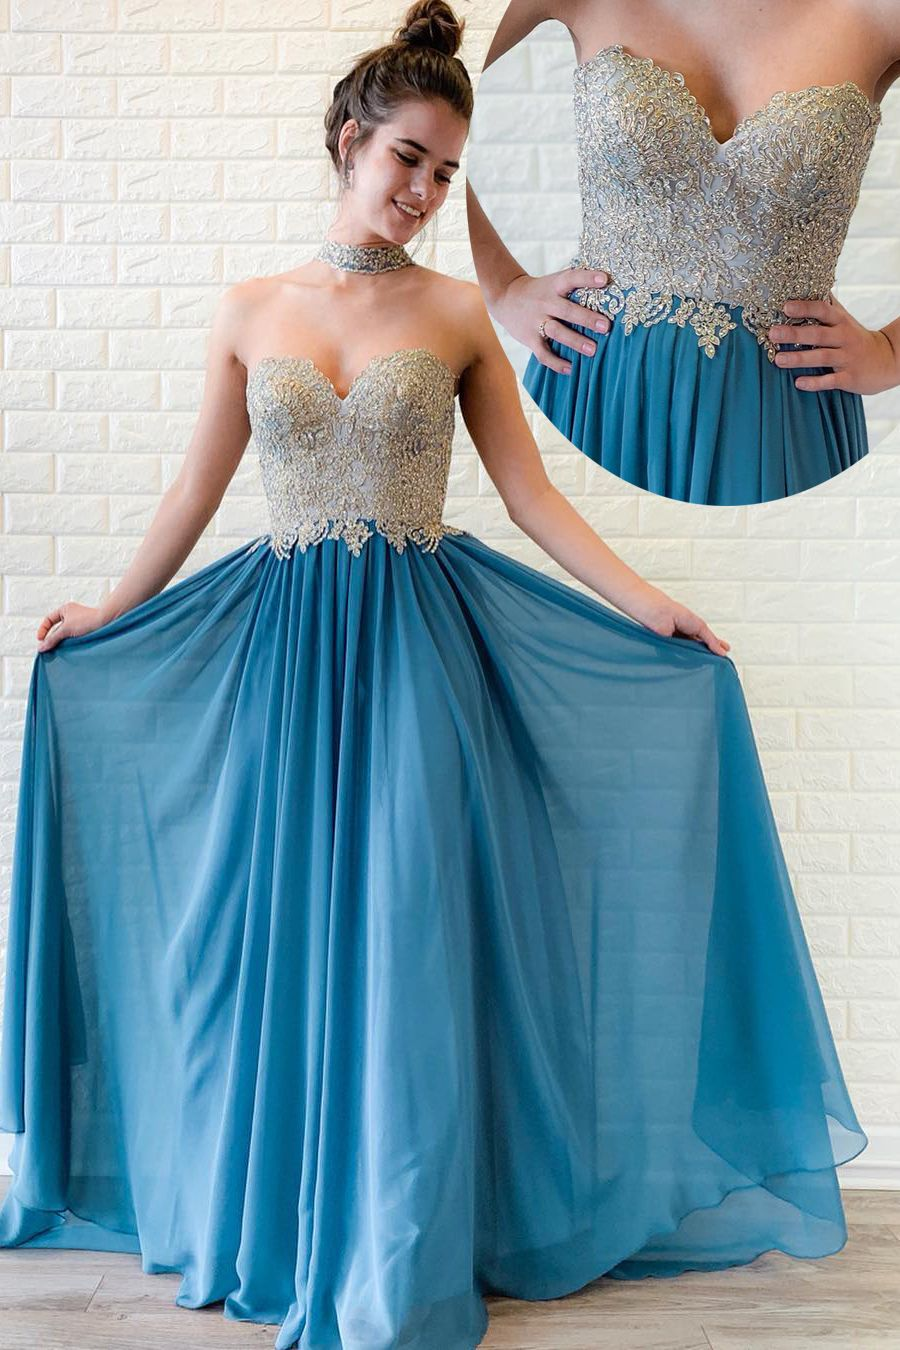 1dff9ec966b Sweetheart Beaded Long Ocean Blue Prom Dress with Pleats